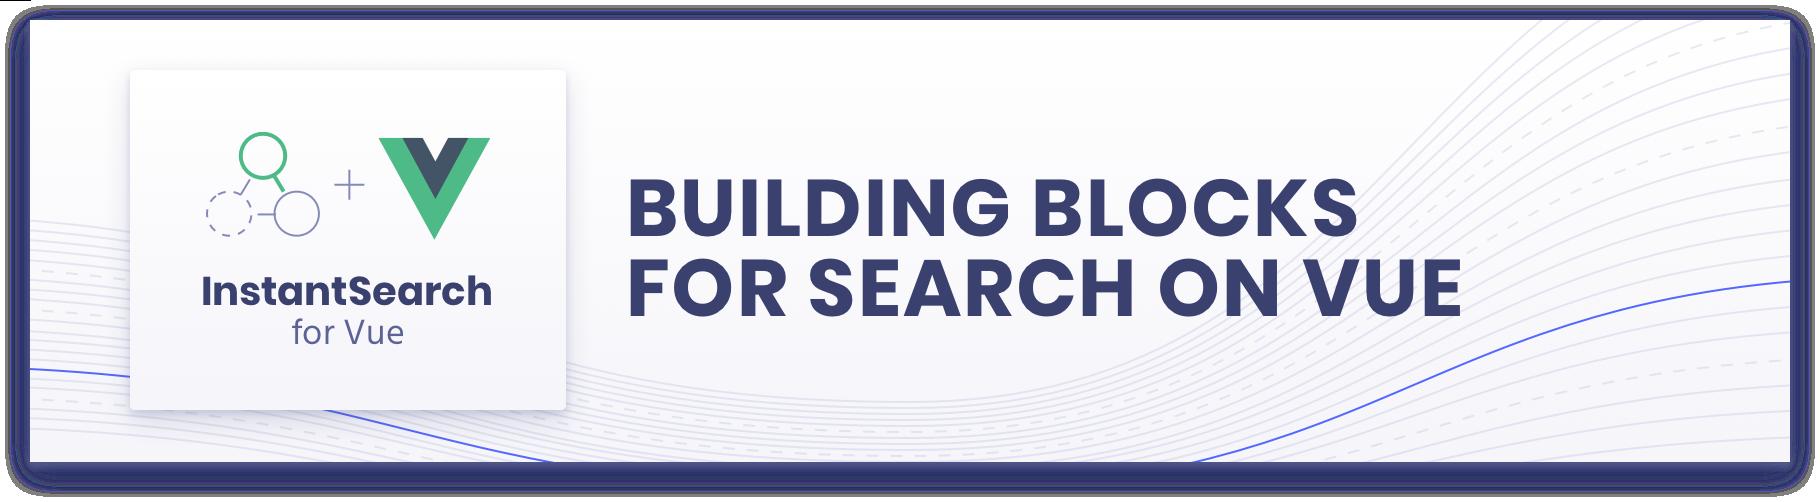 Vue InstantSearch logo